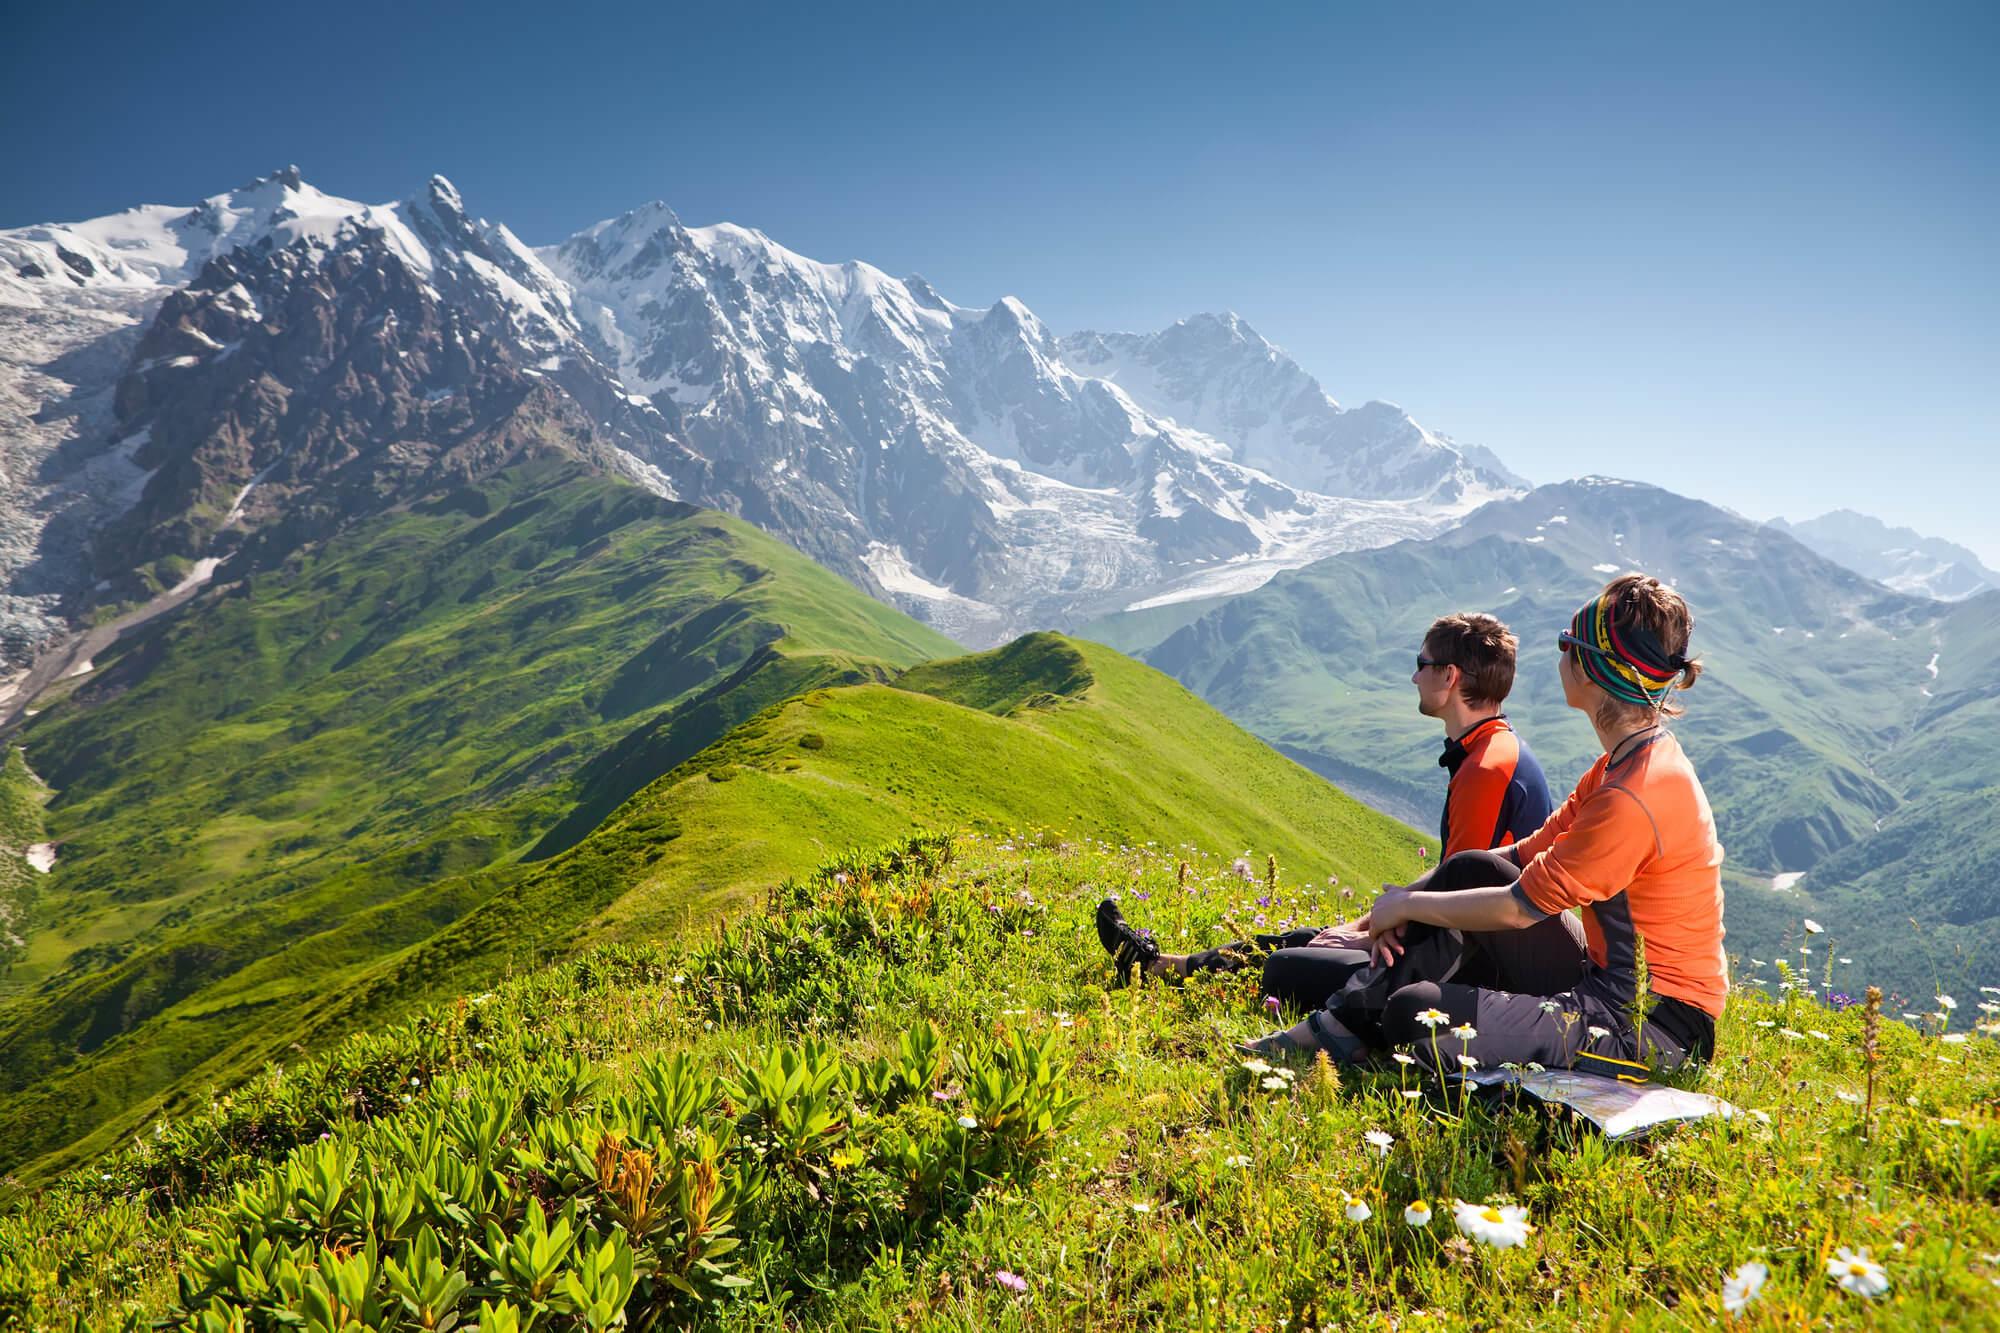 gruzja-kaukaz-trekking-relaks